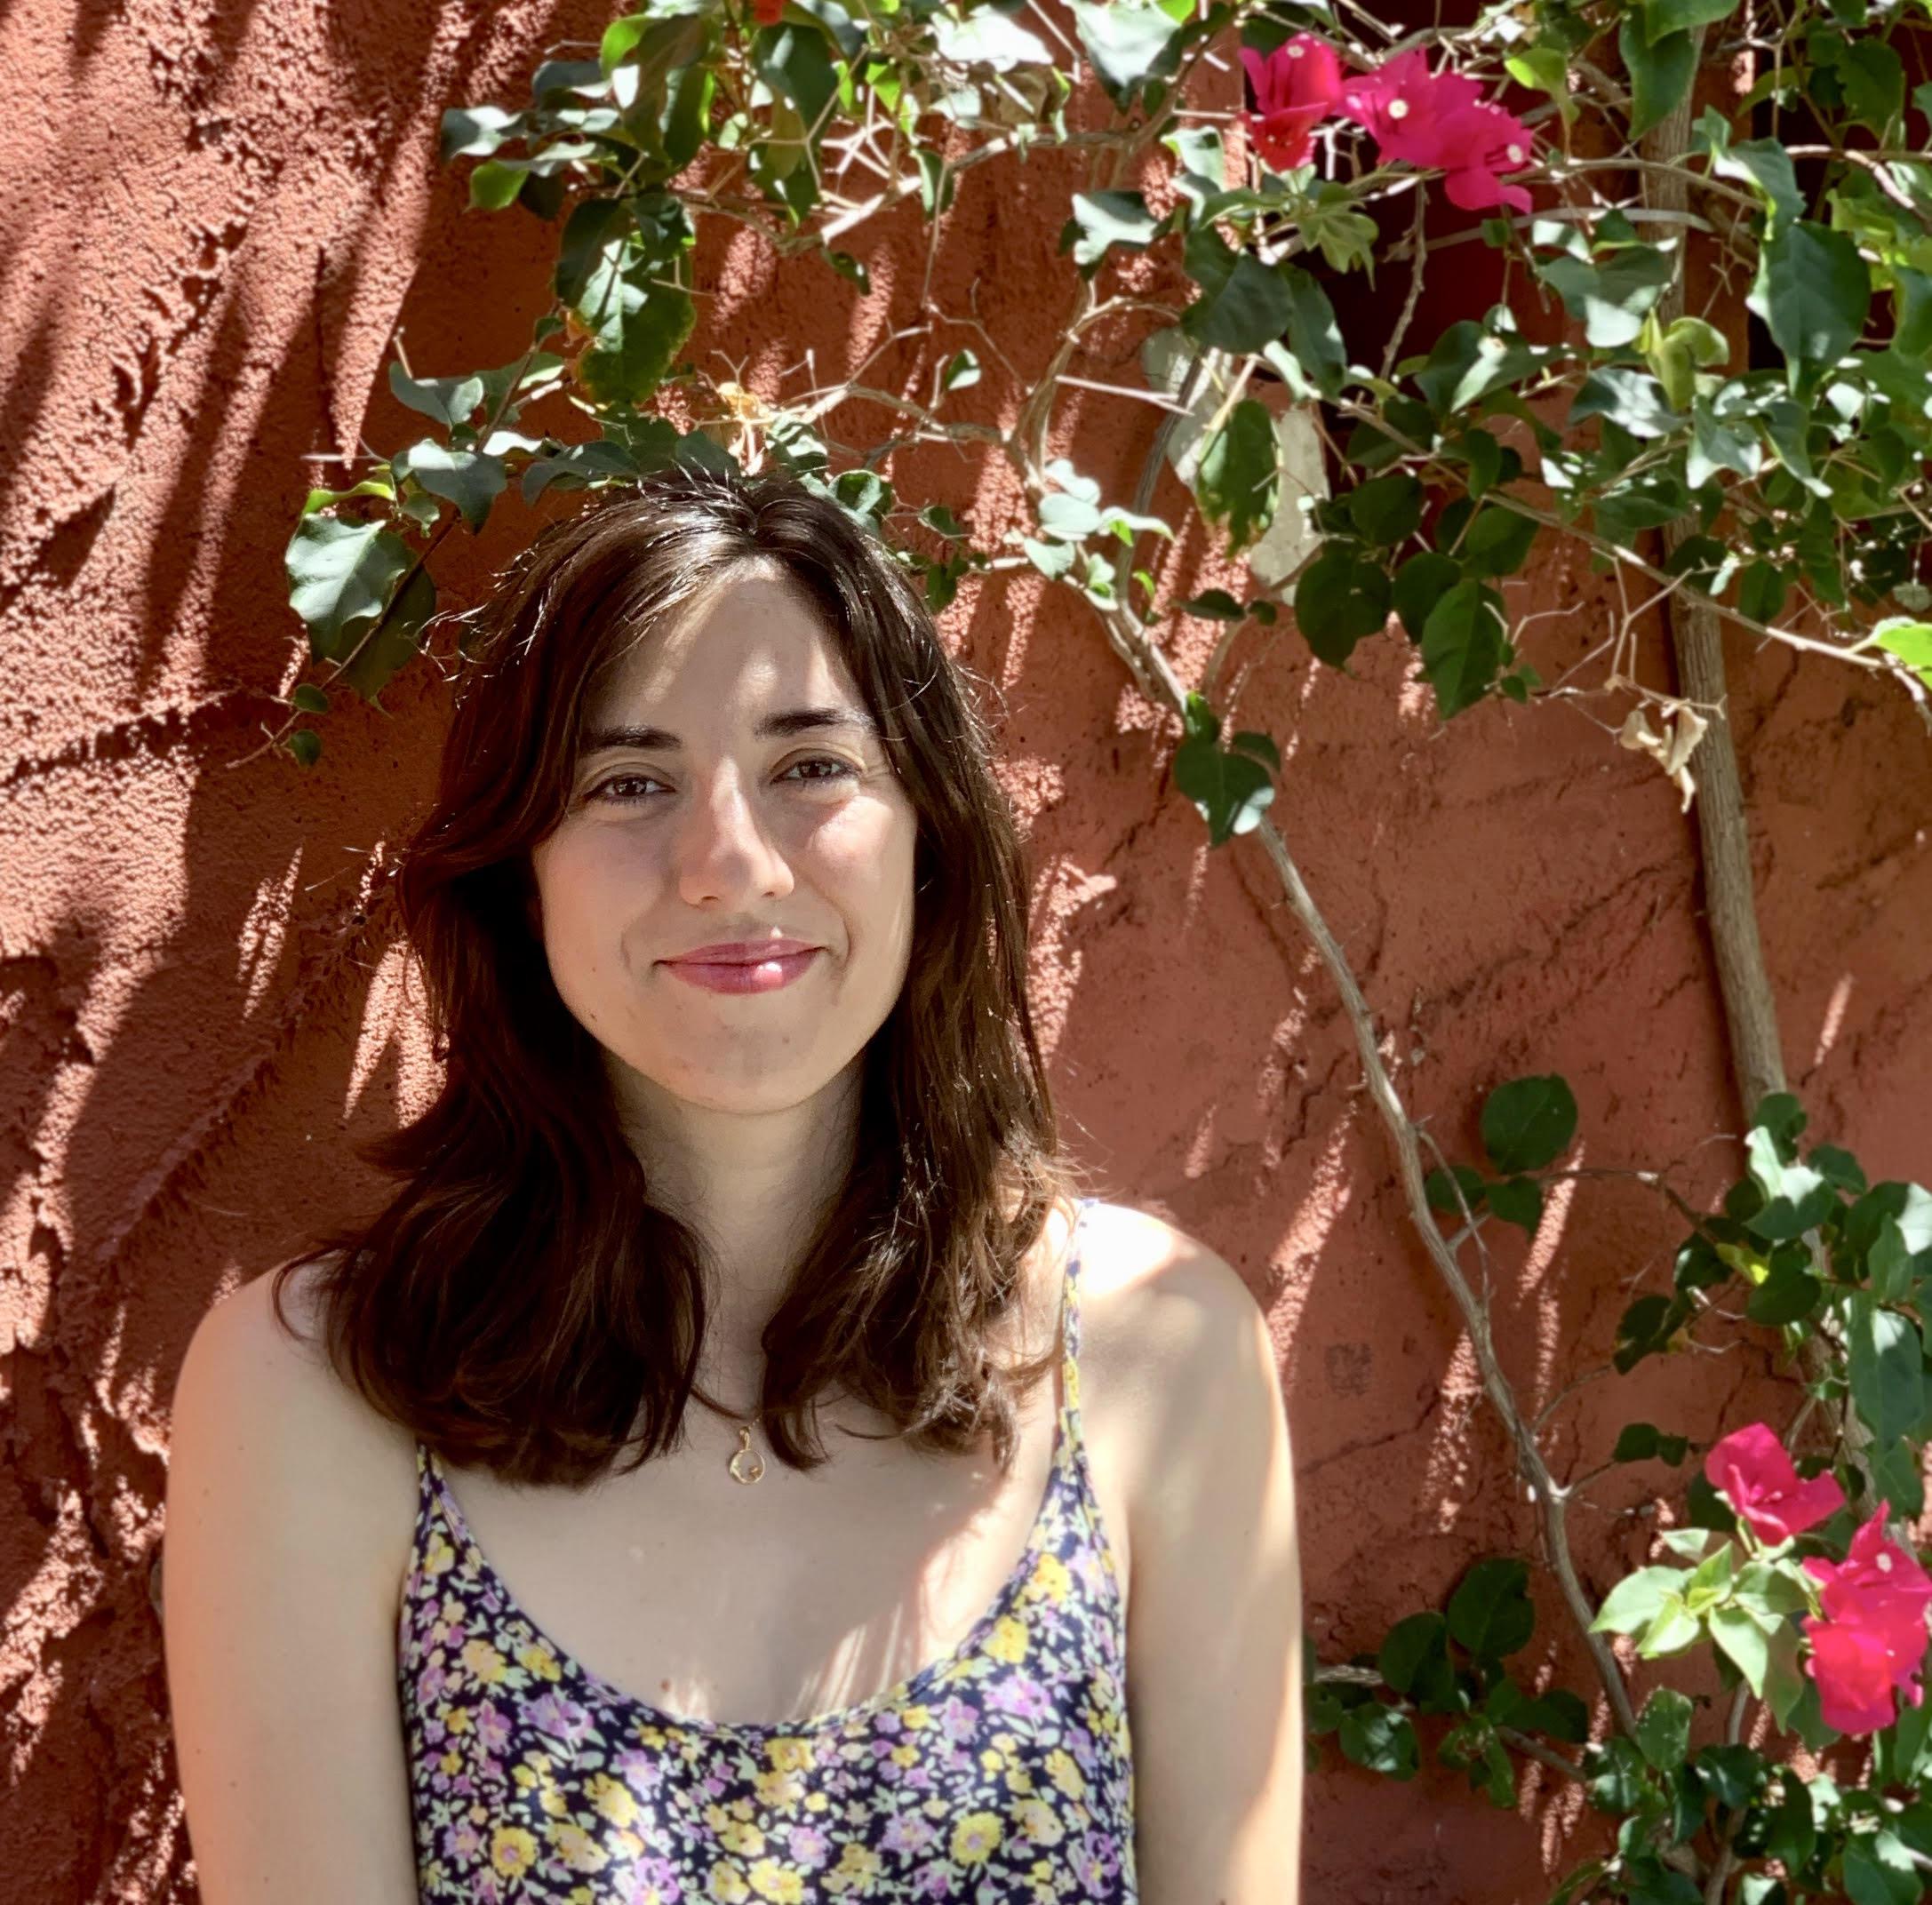 IsabellaPilar